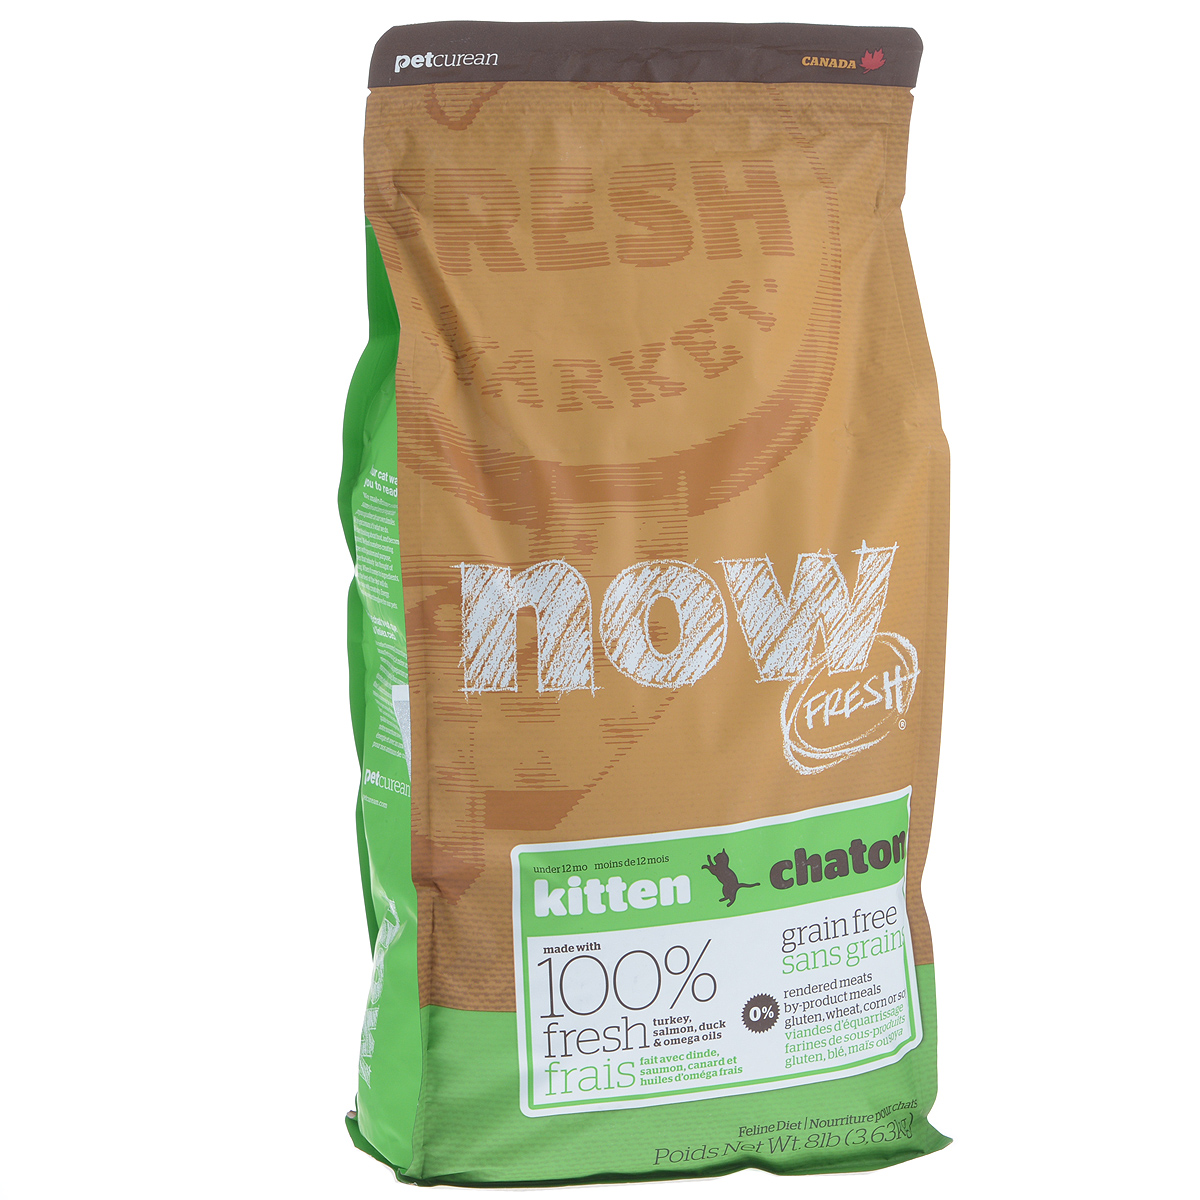 Корм сухой Now Fresh для котят, беззерновой, с индейкой, уткой и овощами, 3,63 кг20040Now Fresh - полностью сбалансированный холистик корм для котят с 5 недели до 1 года из свежего филе индейки, лосося и утки, выращенных на канадских фермах. Также корм подходит беременным и кормящим кошкам. При производстве кормов используется только свежее мясо индейки, утки, лосося, кокосовое и рапсовое масло.Ключевые преимущества: - полностью беззерновой, - не содержит субпродуктов, красителей, говядины, мясных ингредиентов, выращенных на гормонах, - наличие всех питательных компонентов для правильного развития костей и суставов, - оптимальное соотношение белков и жиров помогает кошек оставаться здоровым и сохранять отличную форму, - докозагексаеновая кислота (DHA) и эйкозапентаеновая кислота (EPA) необходима для нормальной деятельности мозга и здорового зрения, - пробиотики и пребиотики обеспечивают здоровое пищеварение, - таурин необходим для здоровья глаз и нормального функционирования сердечной мышцы, - омега-масла в составе необходимы для здоровой кожи и шерсти, - антиоксиданты укрепляют иммунную систему,- профилактика образования комочков шерсти в желудке. Состав: филе индейки, картофель, горох, свежие цельные яйца, картофельная мука, томаты, семена льна, яблоки, филе лосося, утиное филе, масло канолы (источник витамина Е), люцерна, натуральный ароматизатор, кокосовое масло (источник витамина Е), лецитин, морковь, тыква, бананы, черника, клюква, ежевика, папайя, ананас, грейпфрут, чечевица, брокколи, шпинат, творог, ростки люцерны, дикальций фосфат, вяленых люцерна, сушеные водоросли, карбонат кальция, фосфорная кислота, хлорид натрия, лецитин, хлорид калия, DL-метионин, таурин, сушеные водоросли, витамины (витамин Е, L-аскорбил-2-полифосфатов (источник витамина С), никотиновая кислота, инозит, витамин А, мононитрат тиамина, D-пантотенат кальция, пиридоксина гидрохлорид, рибофлавин, бета-каротин, витамин D3, фолиевая кислота, биотин, витамин В12), минералы (протеинат цинка,